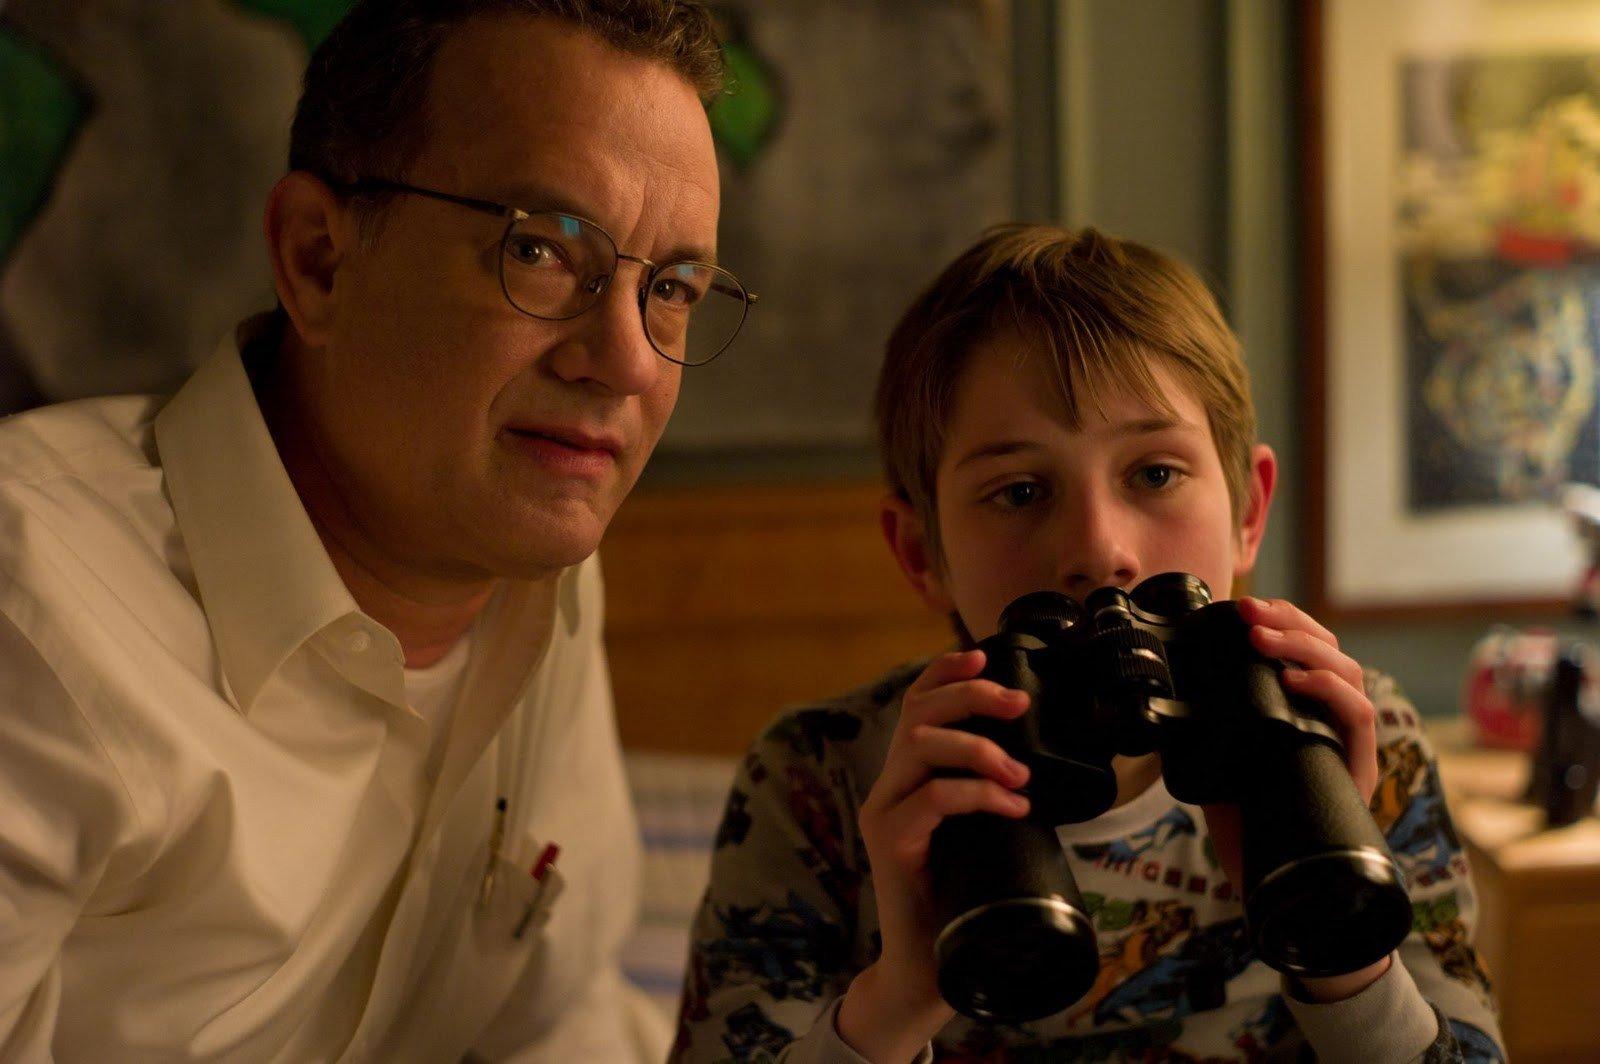 Filme tão forte e tão perto, protagonista autista